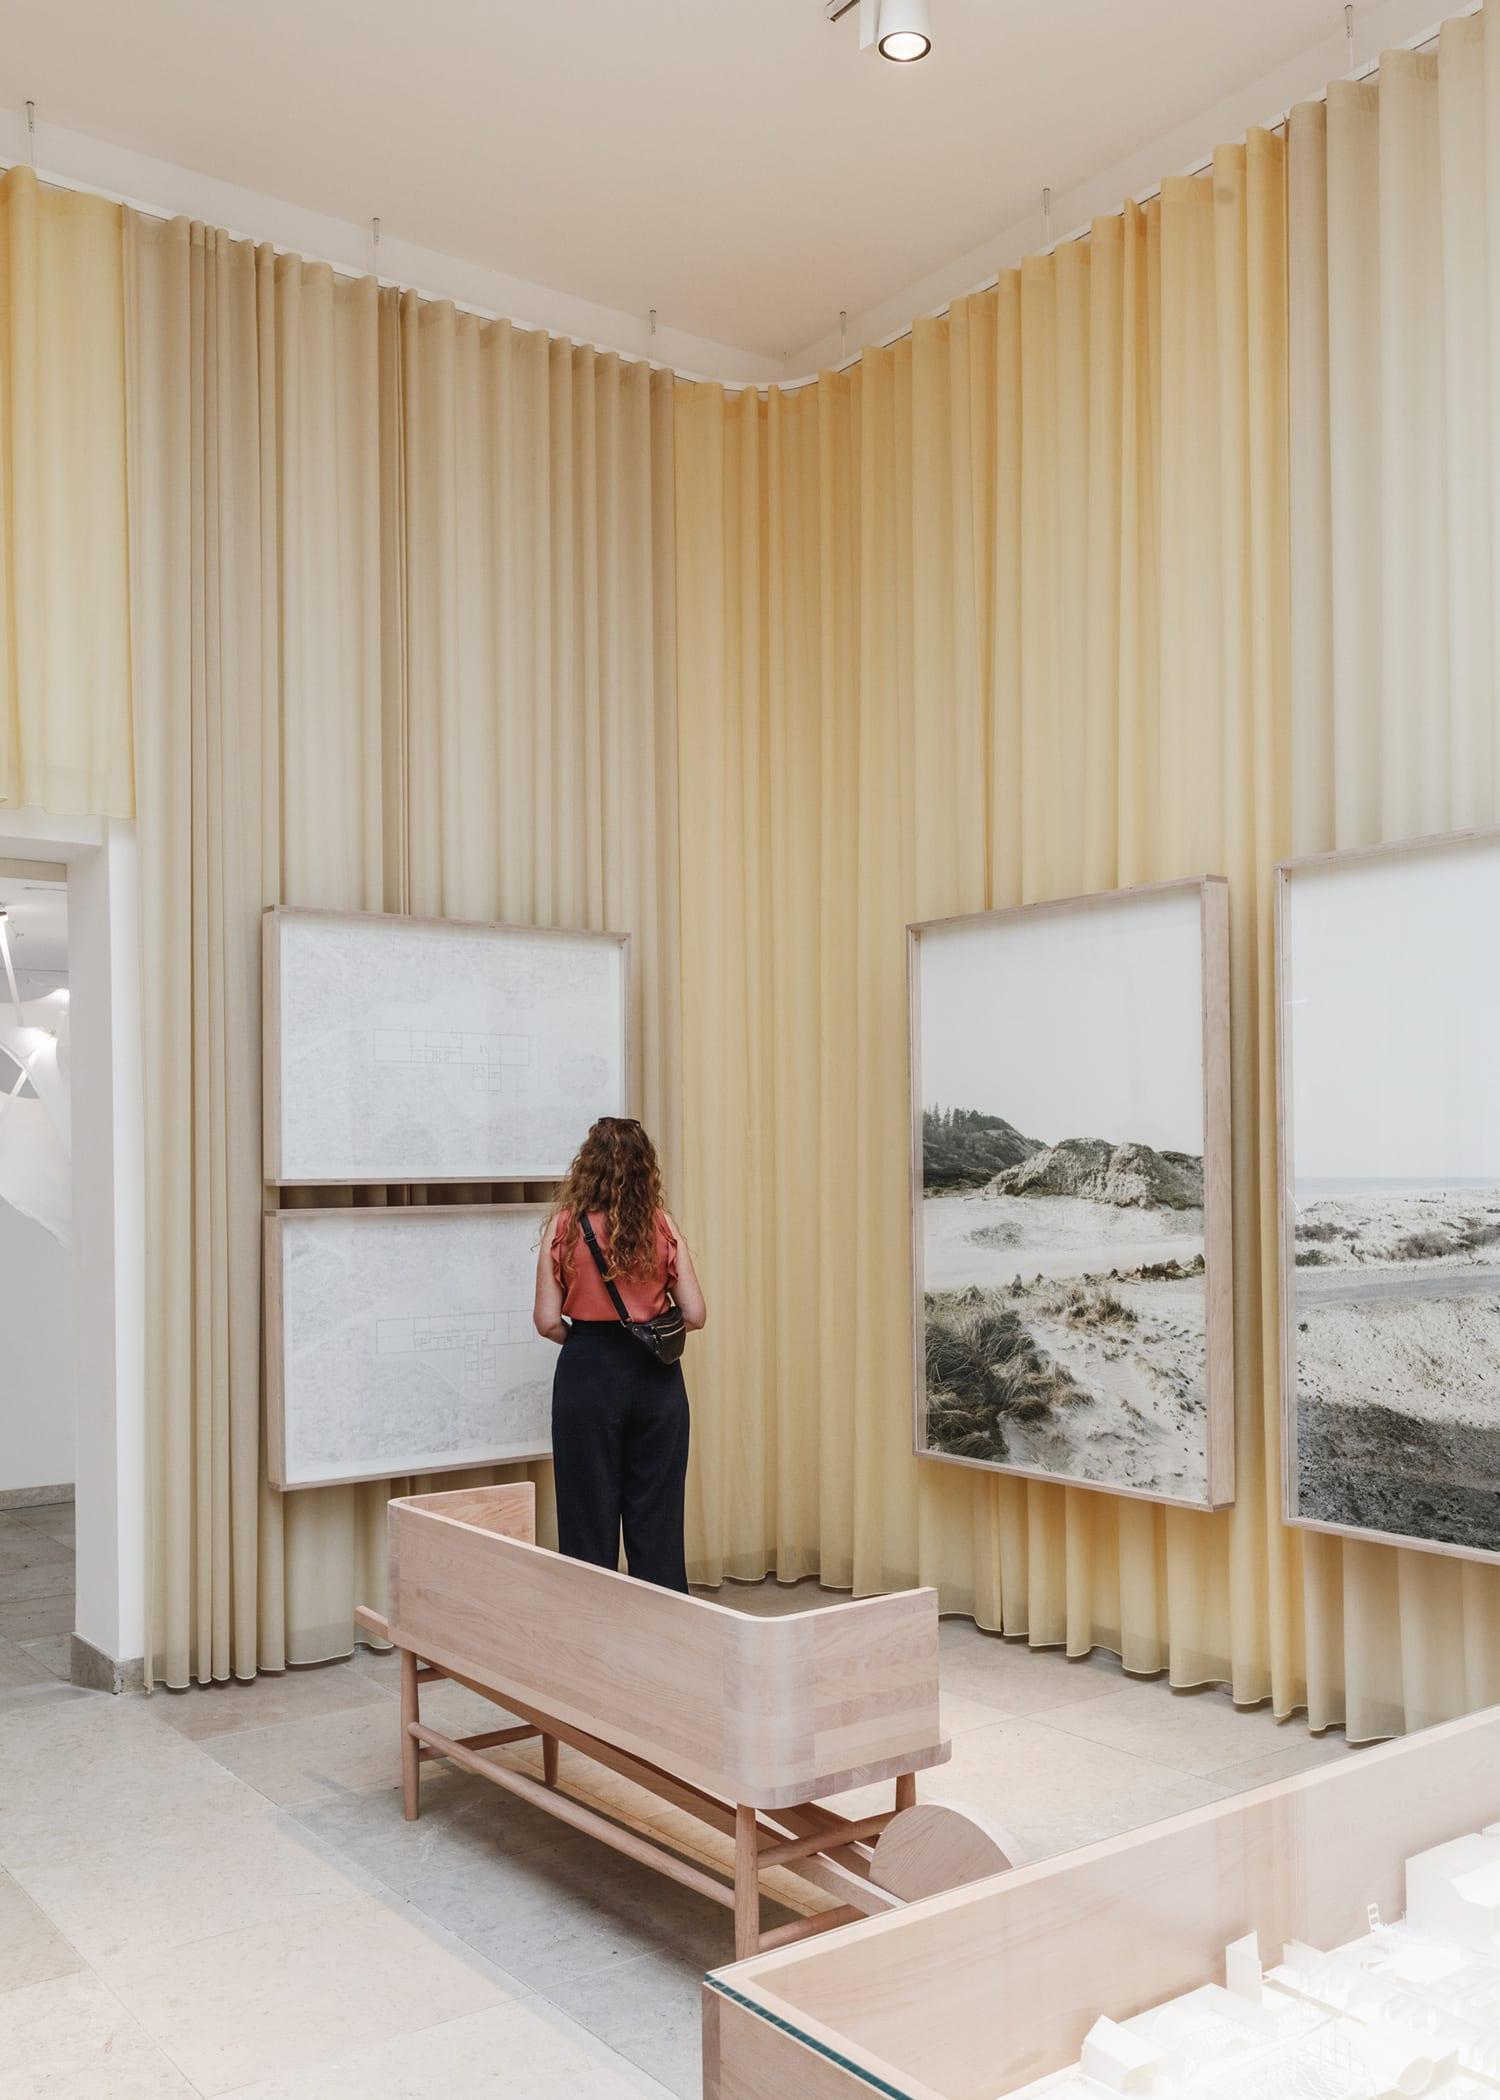 Danish Pavilion, Venice Architecture Biennale 2018 | Yellowtrace